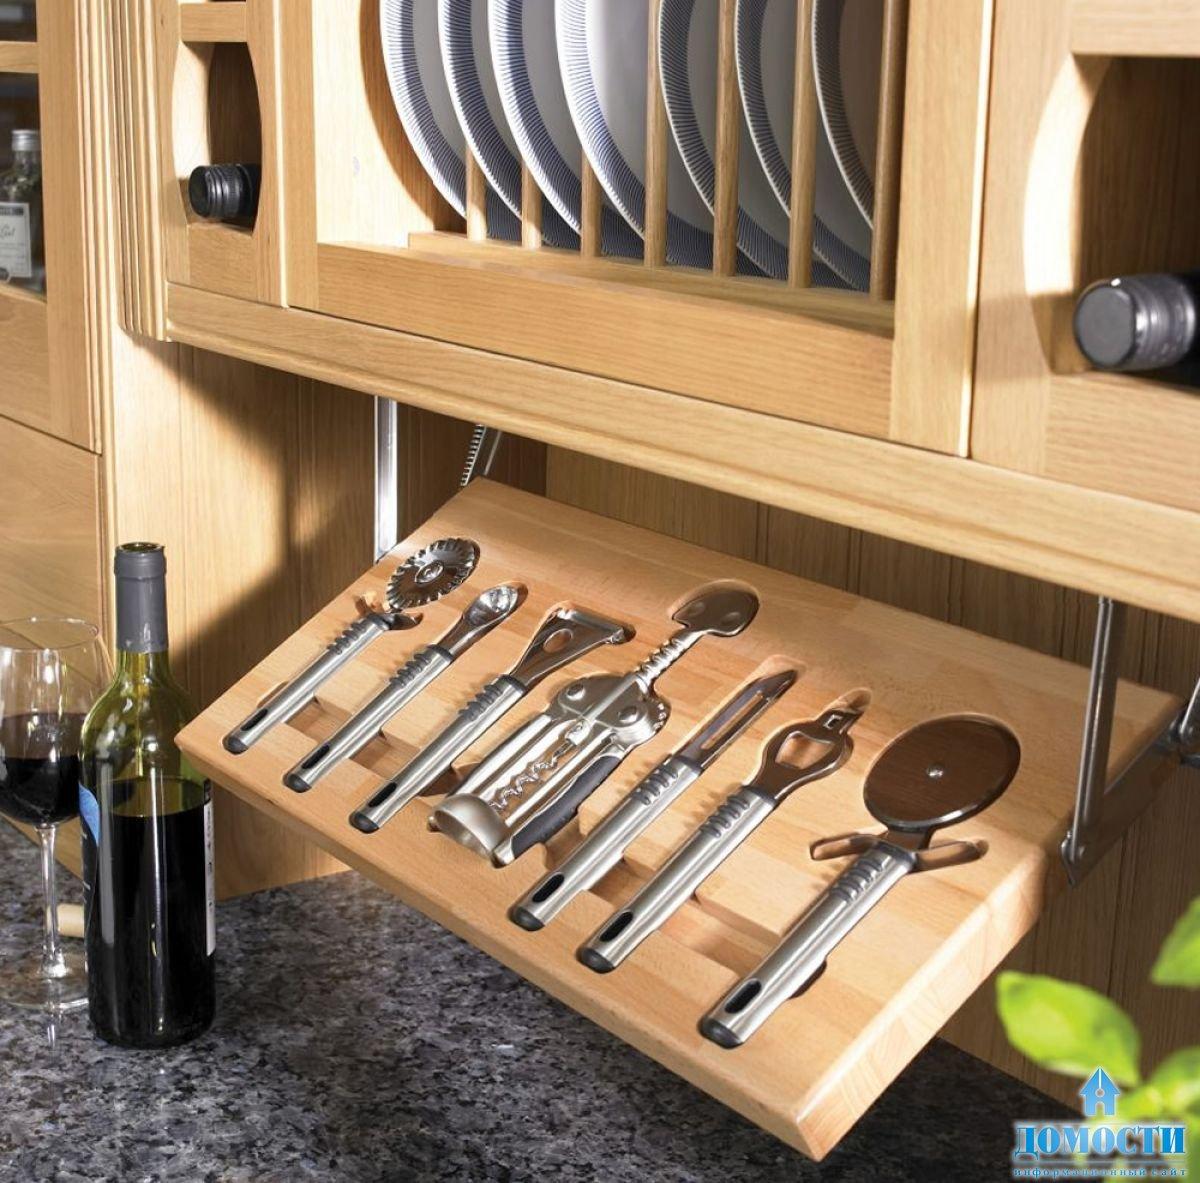 Системы хранения на кухне своими руками фото